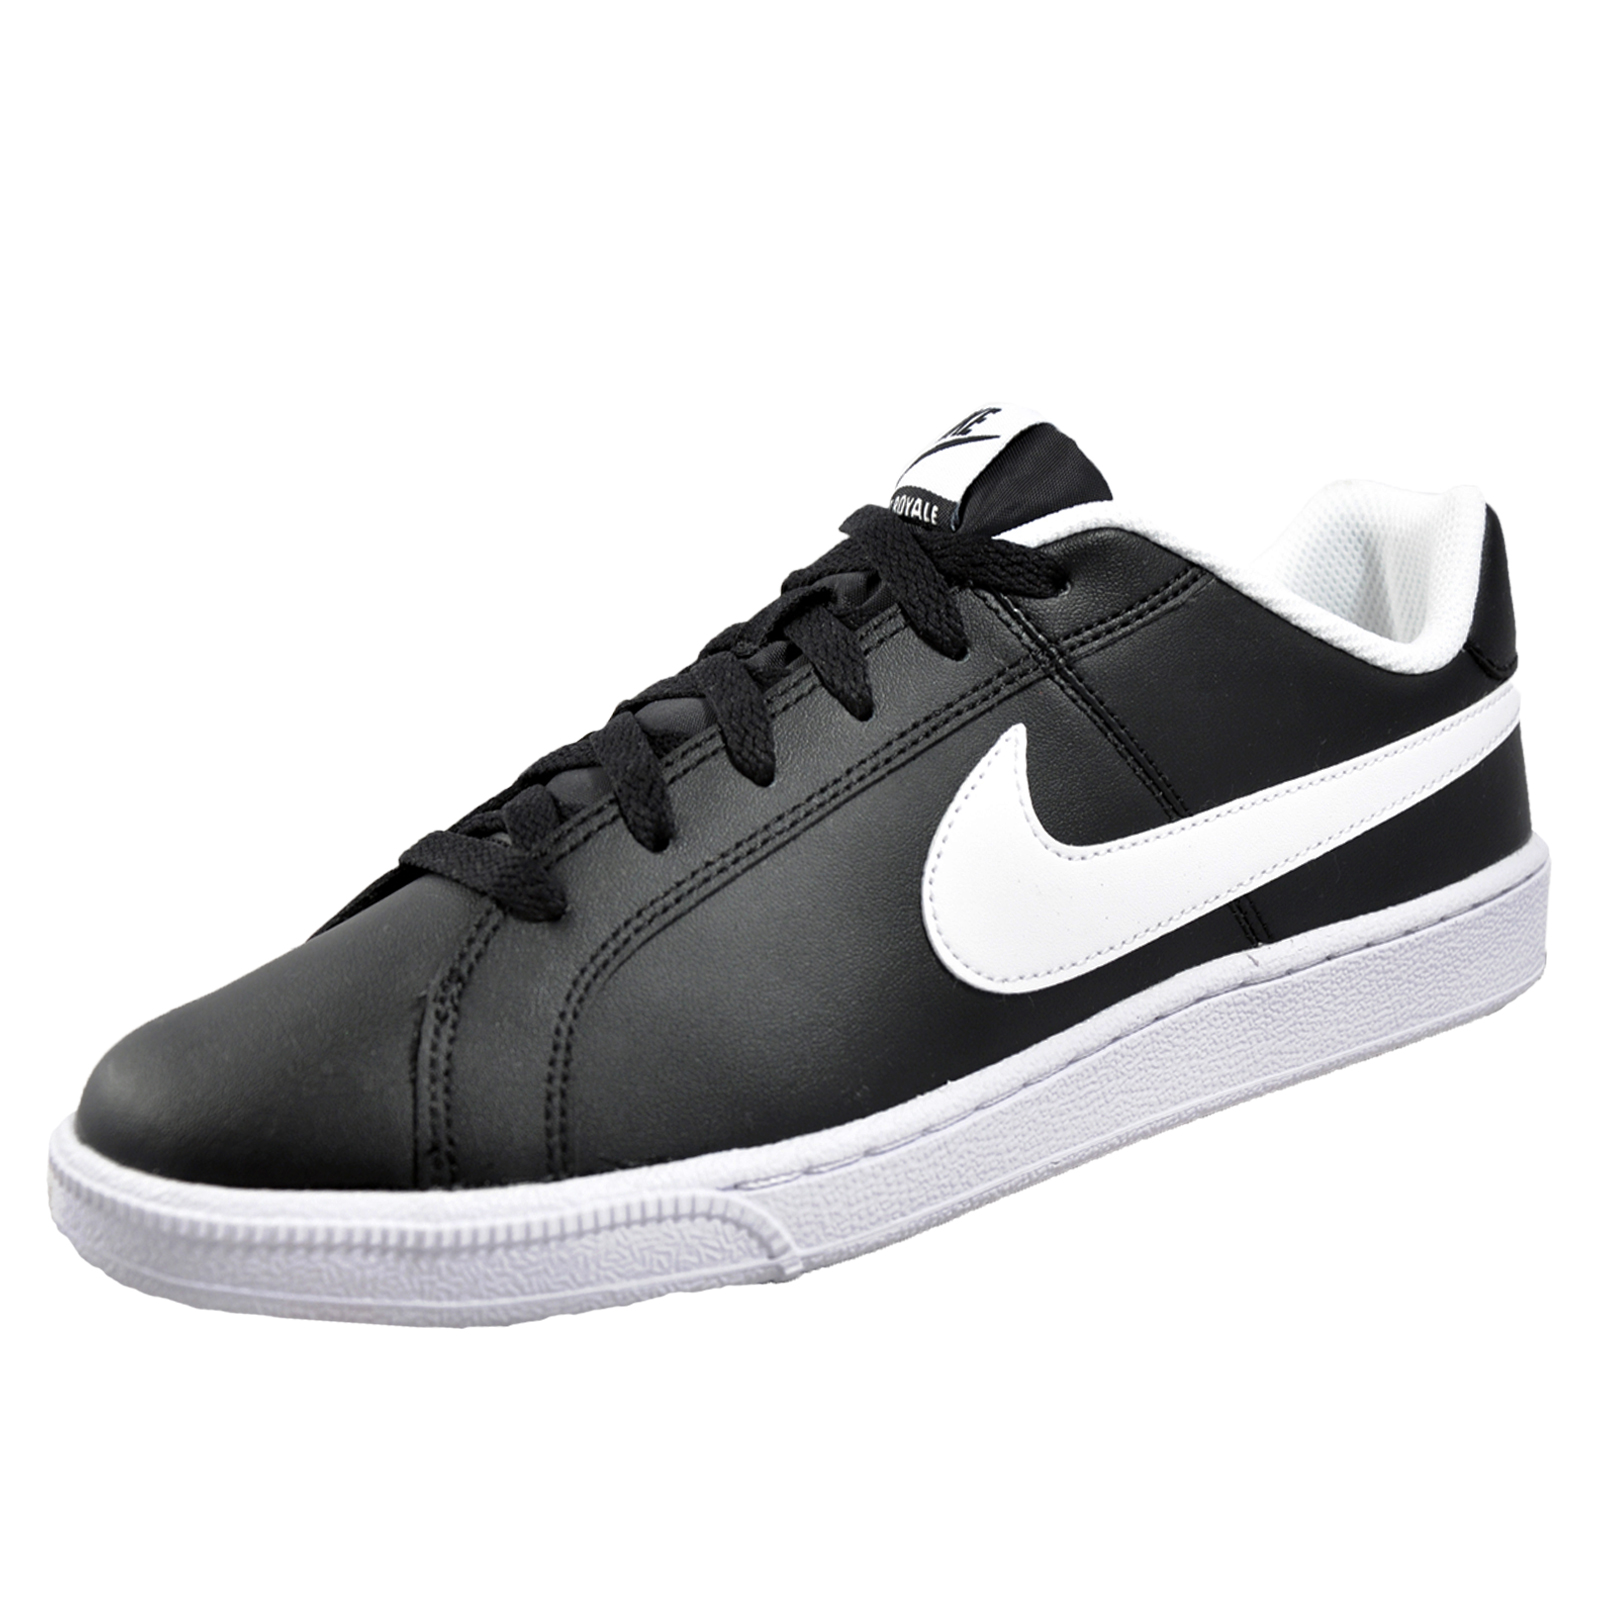 Nike Mens Court Royal Black White Leather Trainers 45.5 EU tnpmOrzs